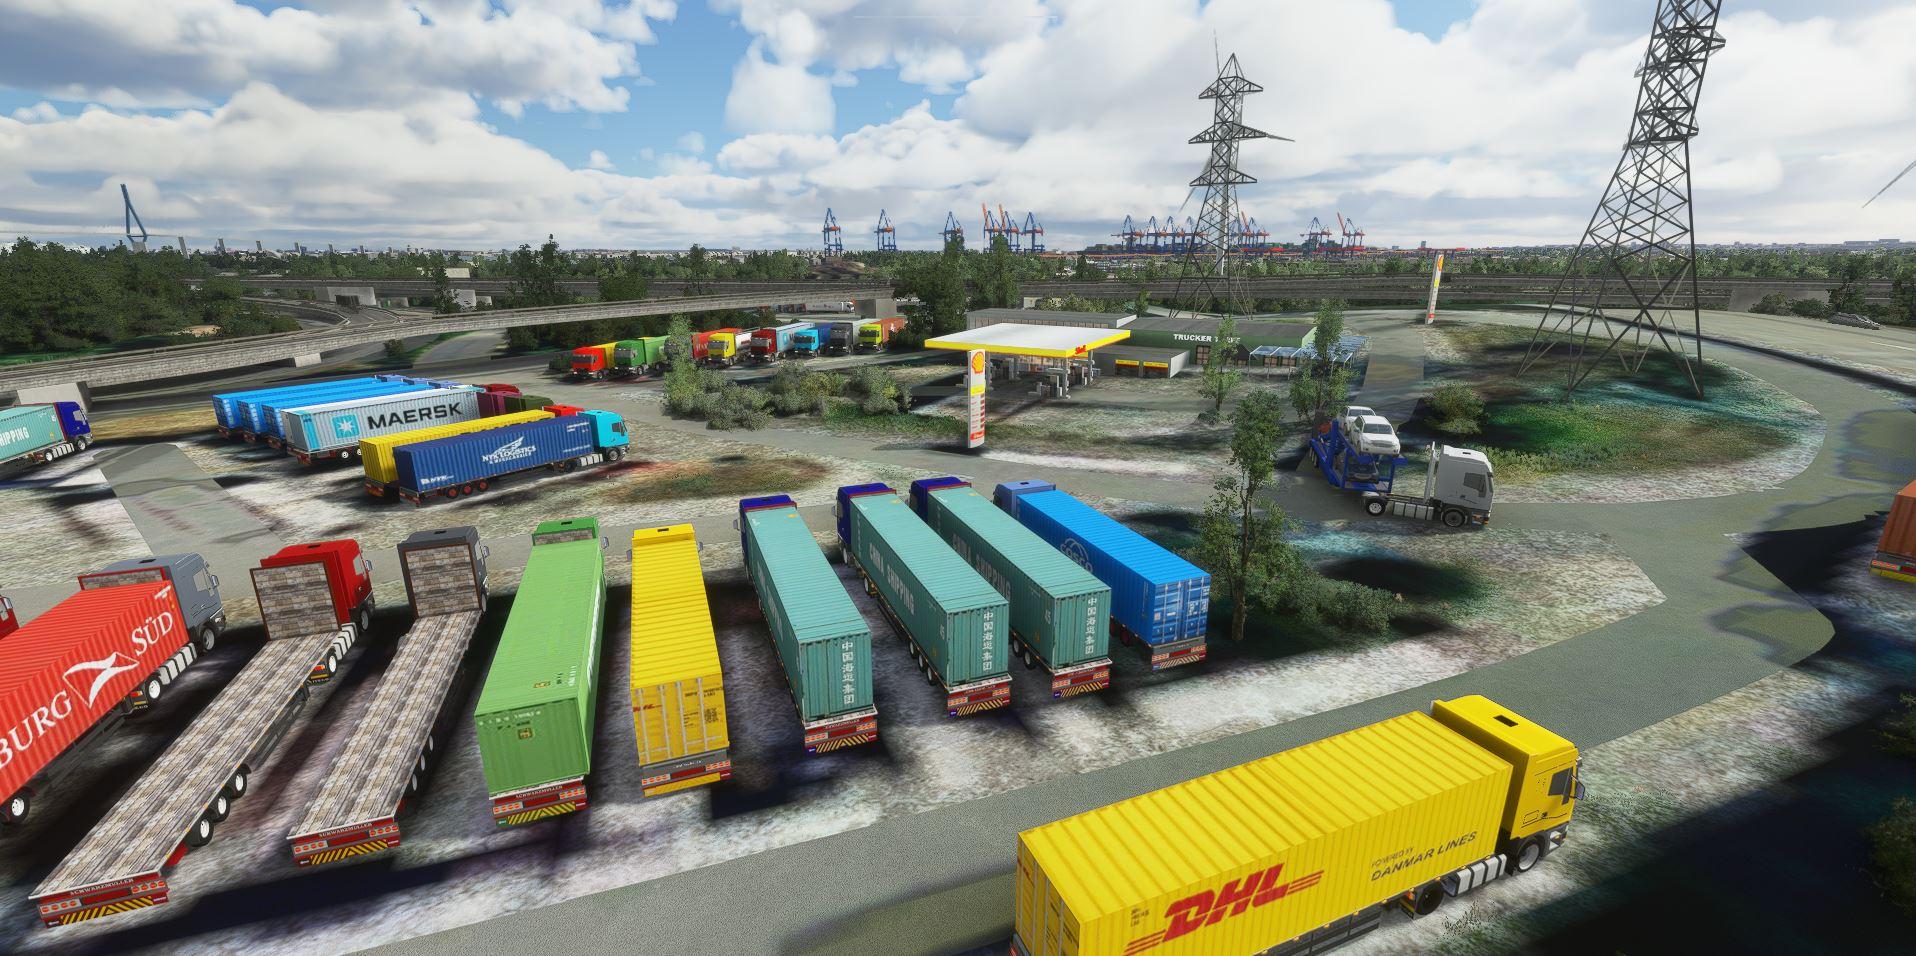 Bild52_TruckerTreff_Altenwerder.JPG